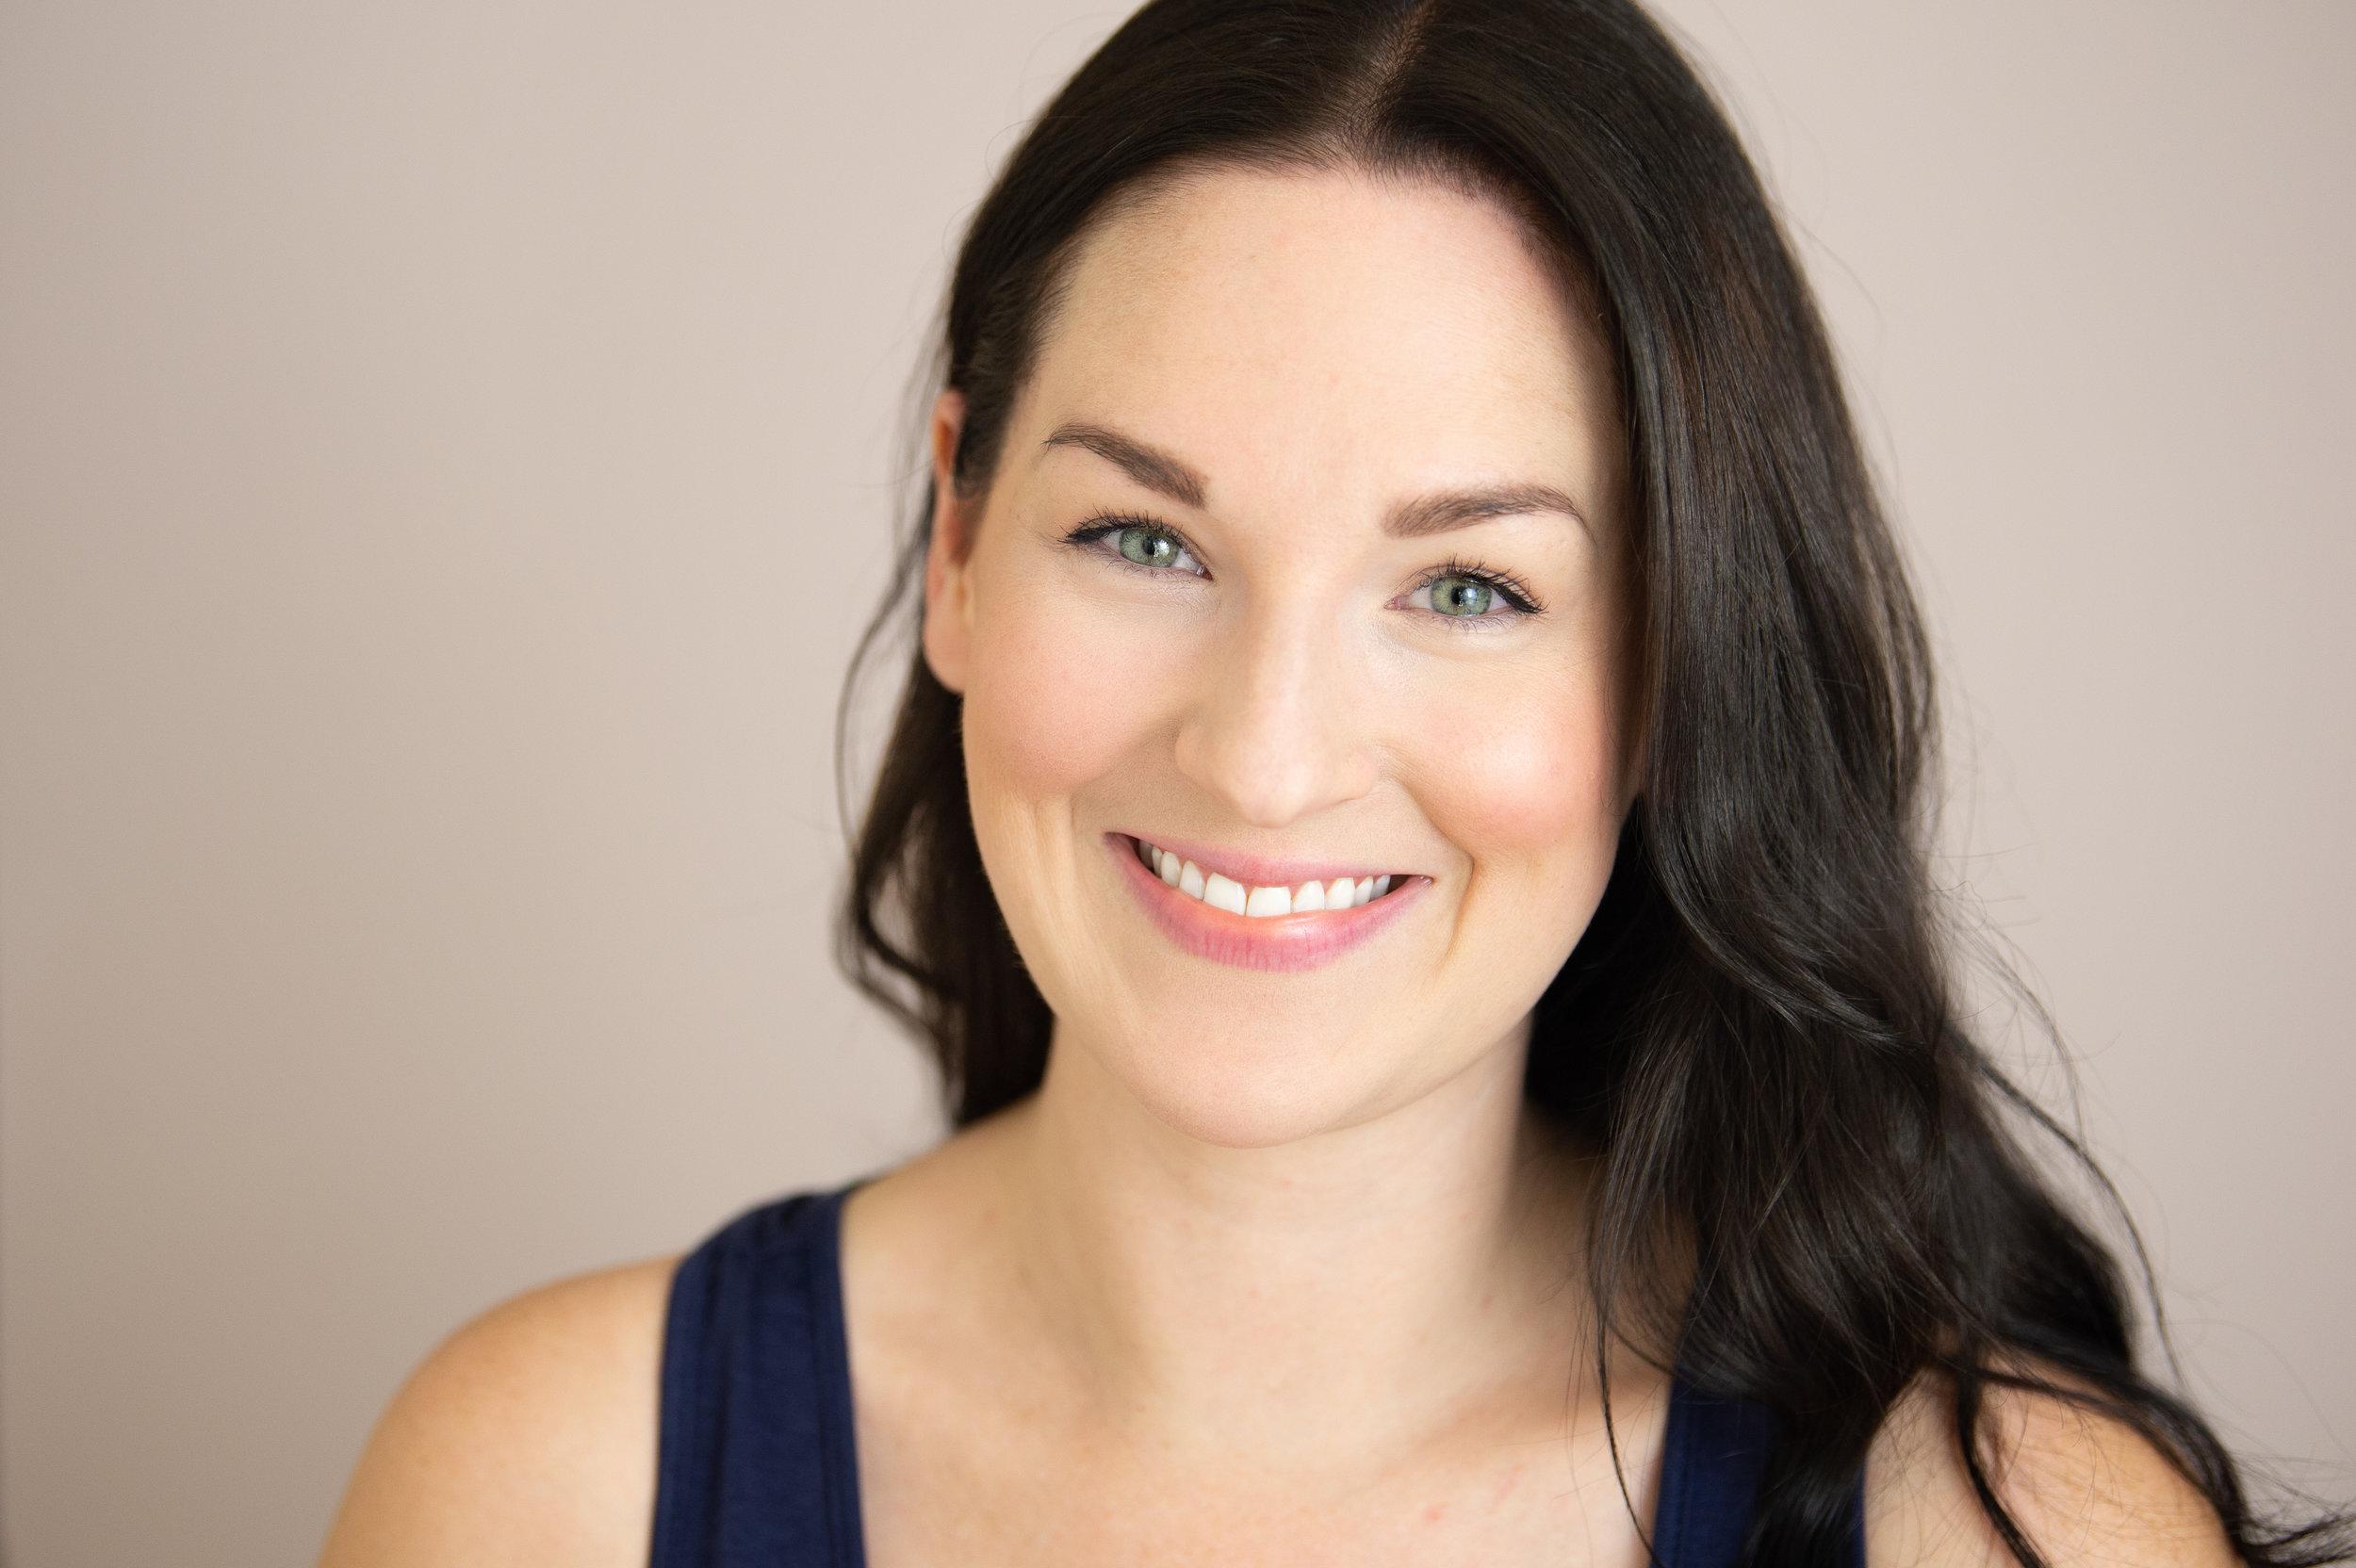 Erin-Elizabeth-Eichhorn_Headshot-_DSC8627.jpg